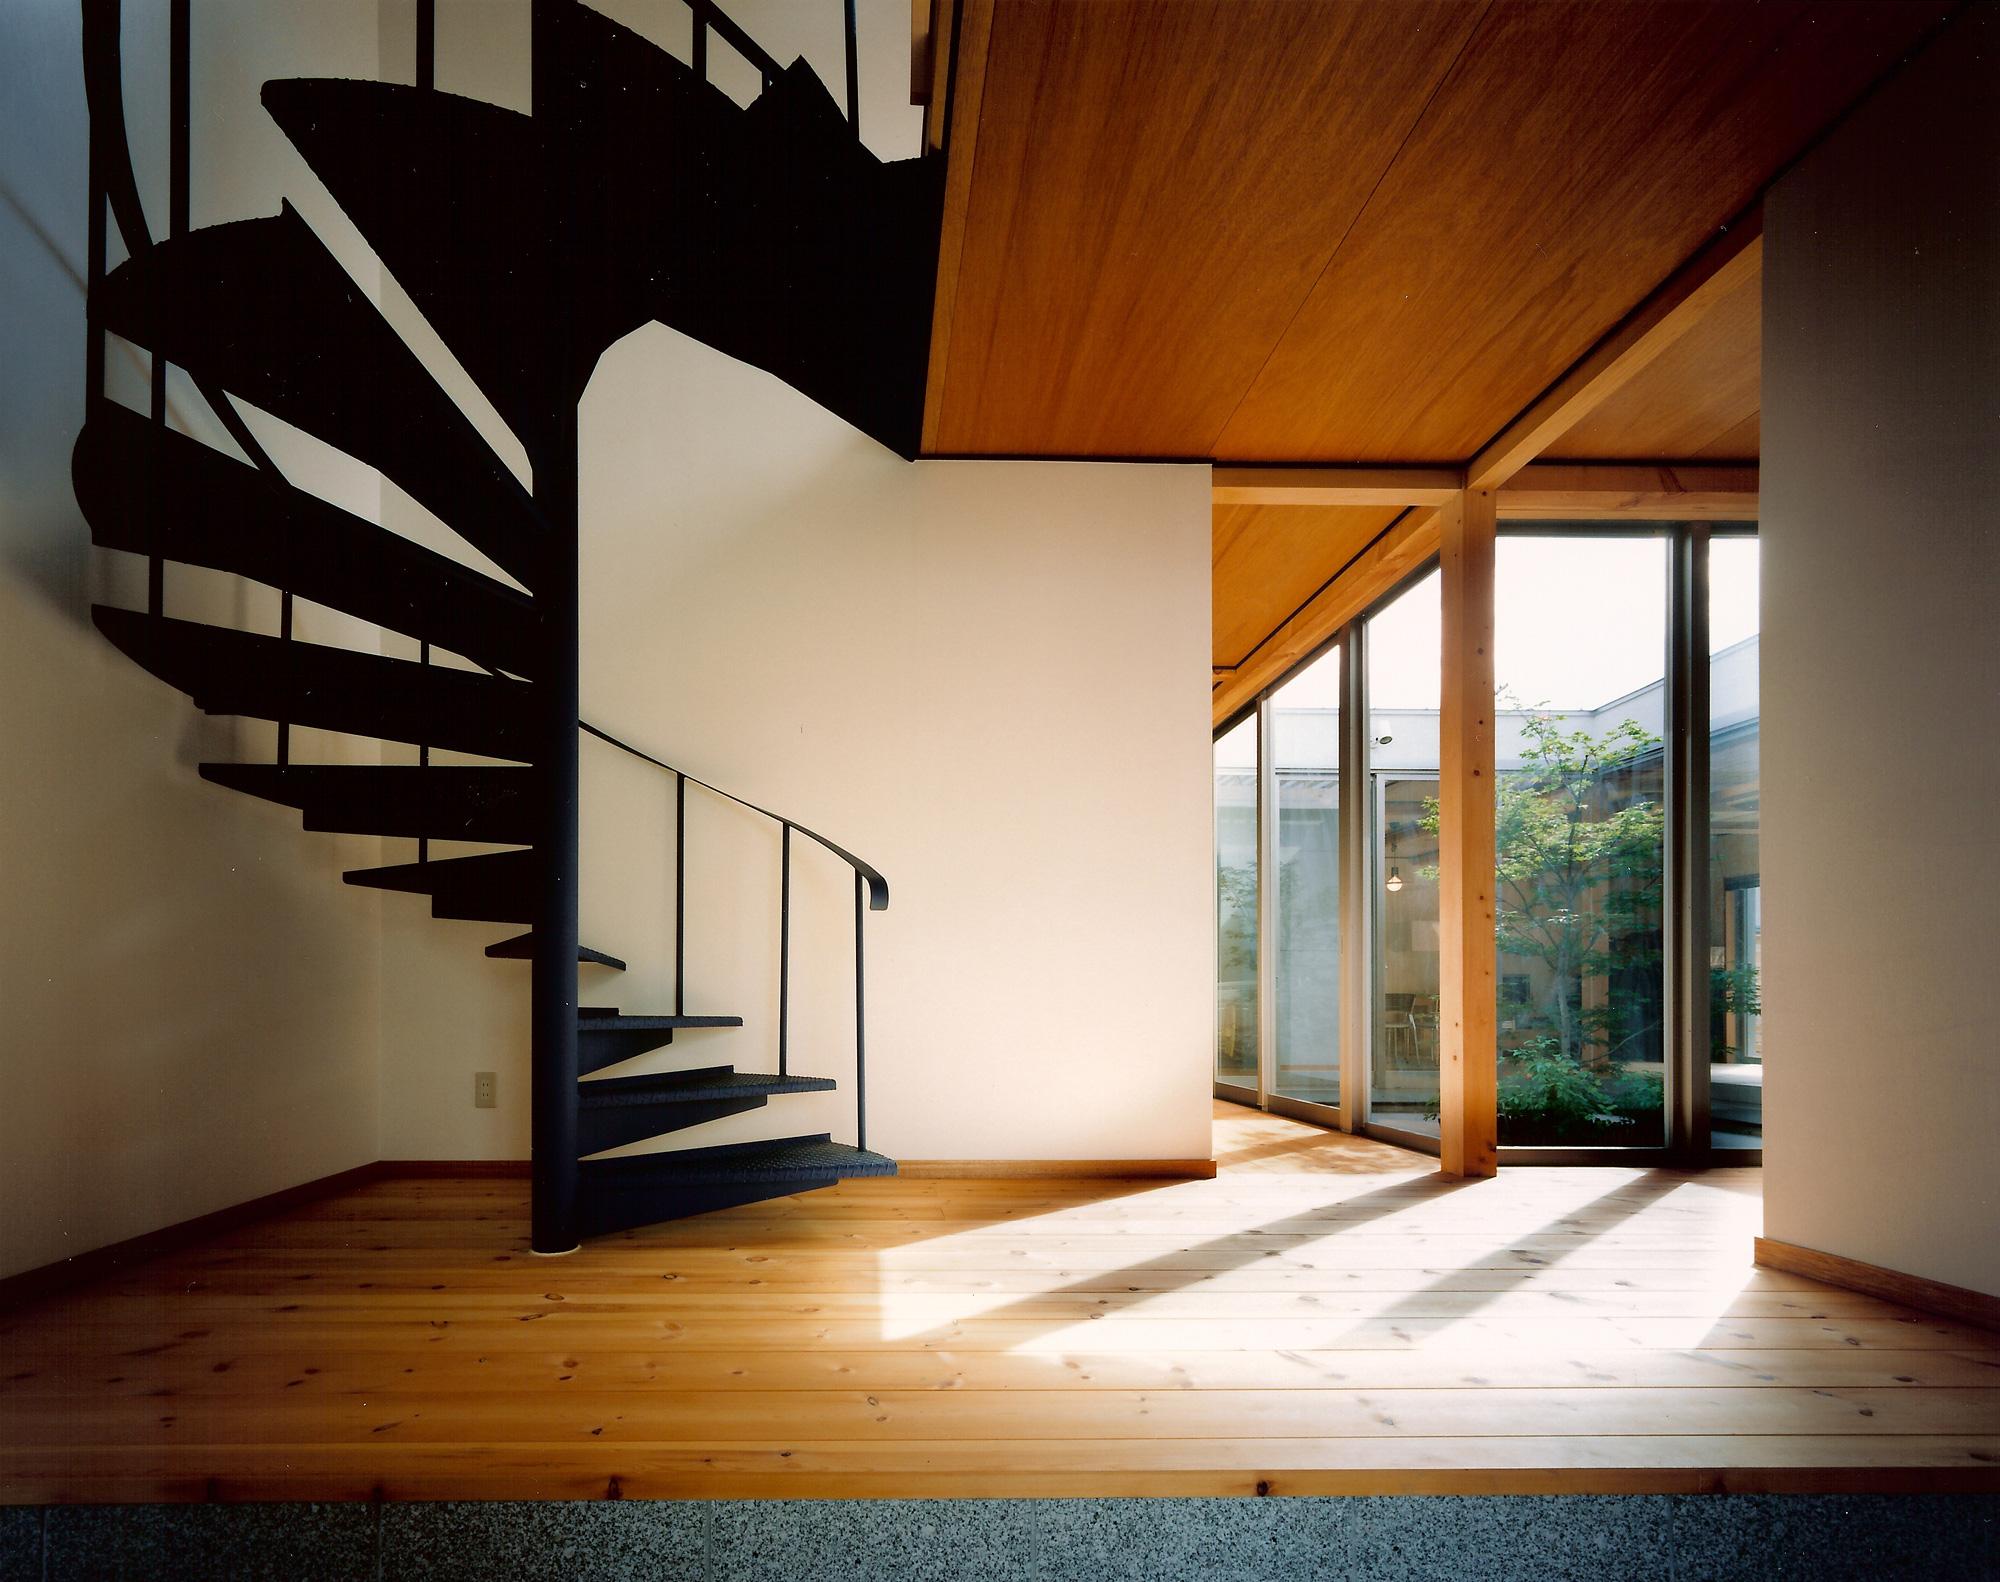 エントランス: 戸をくぐると中庭のノムラモミジ、その奥にLDKを見通すことができます。階段は生活時間の異なる長女の個室に繋がっており、玄関から直接アクセスできるようになっています